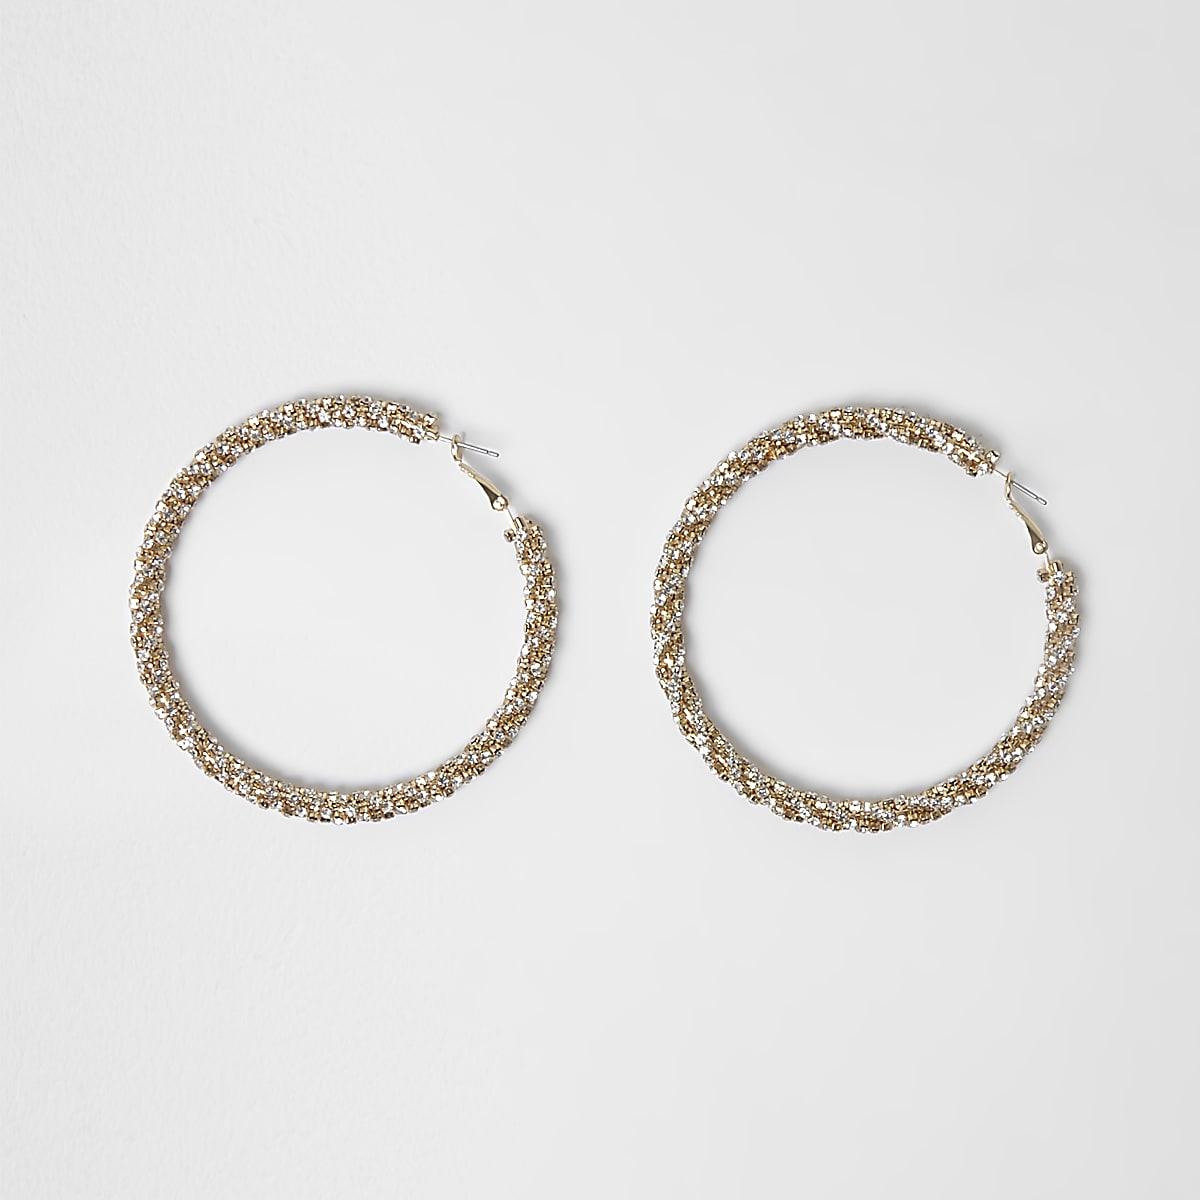 Gold tone sparkle rope hoop earrings